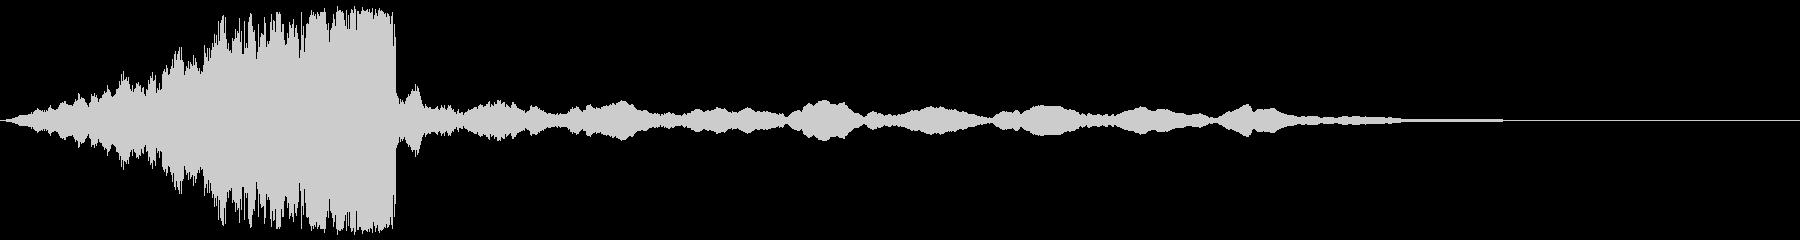 【タイトルロゴ】シネマティック_03の未再生の波形